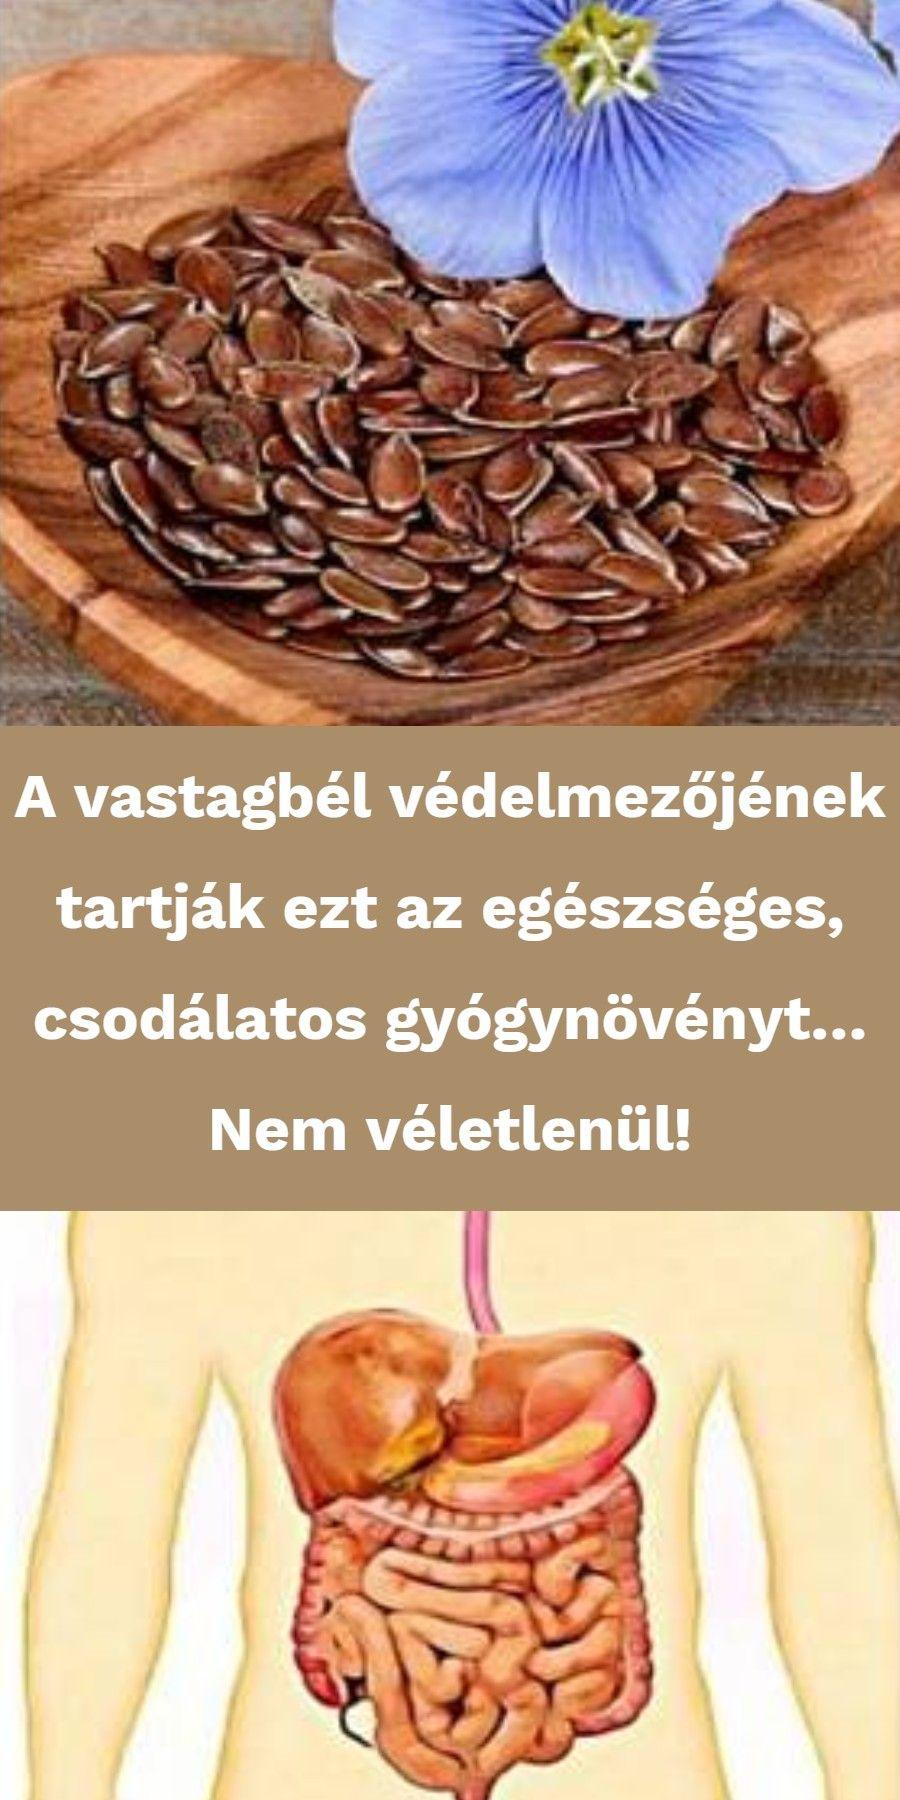 természetes gyógyszerek a vastagbél tisztítására)